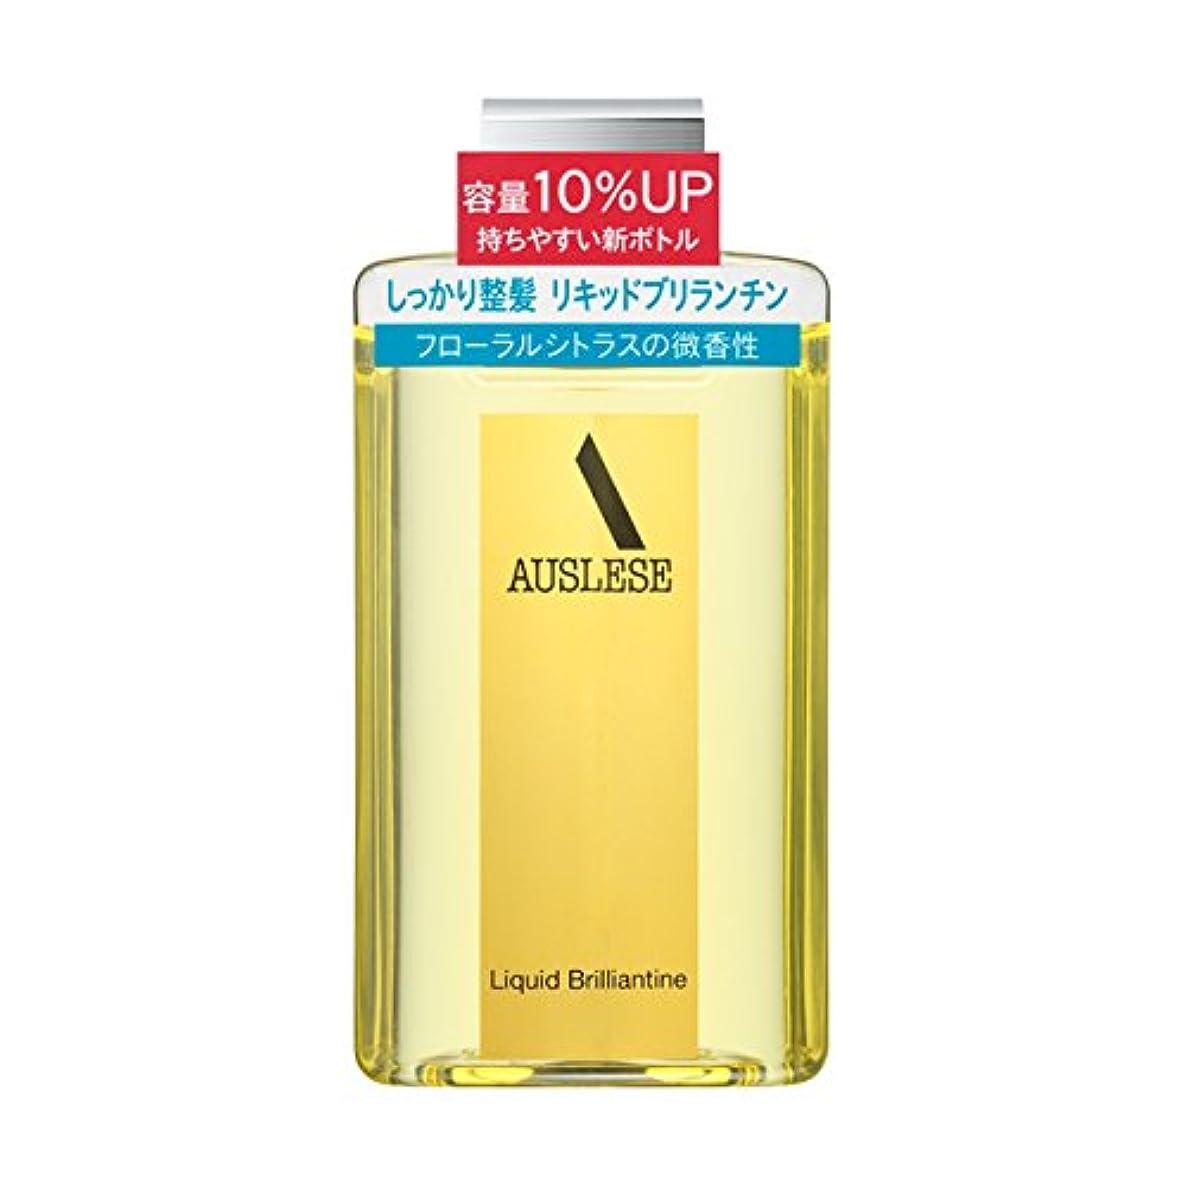 有益な汚物心からアウスレーゼ リキッドブリランチンN 165mL